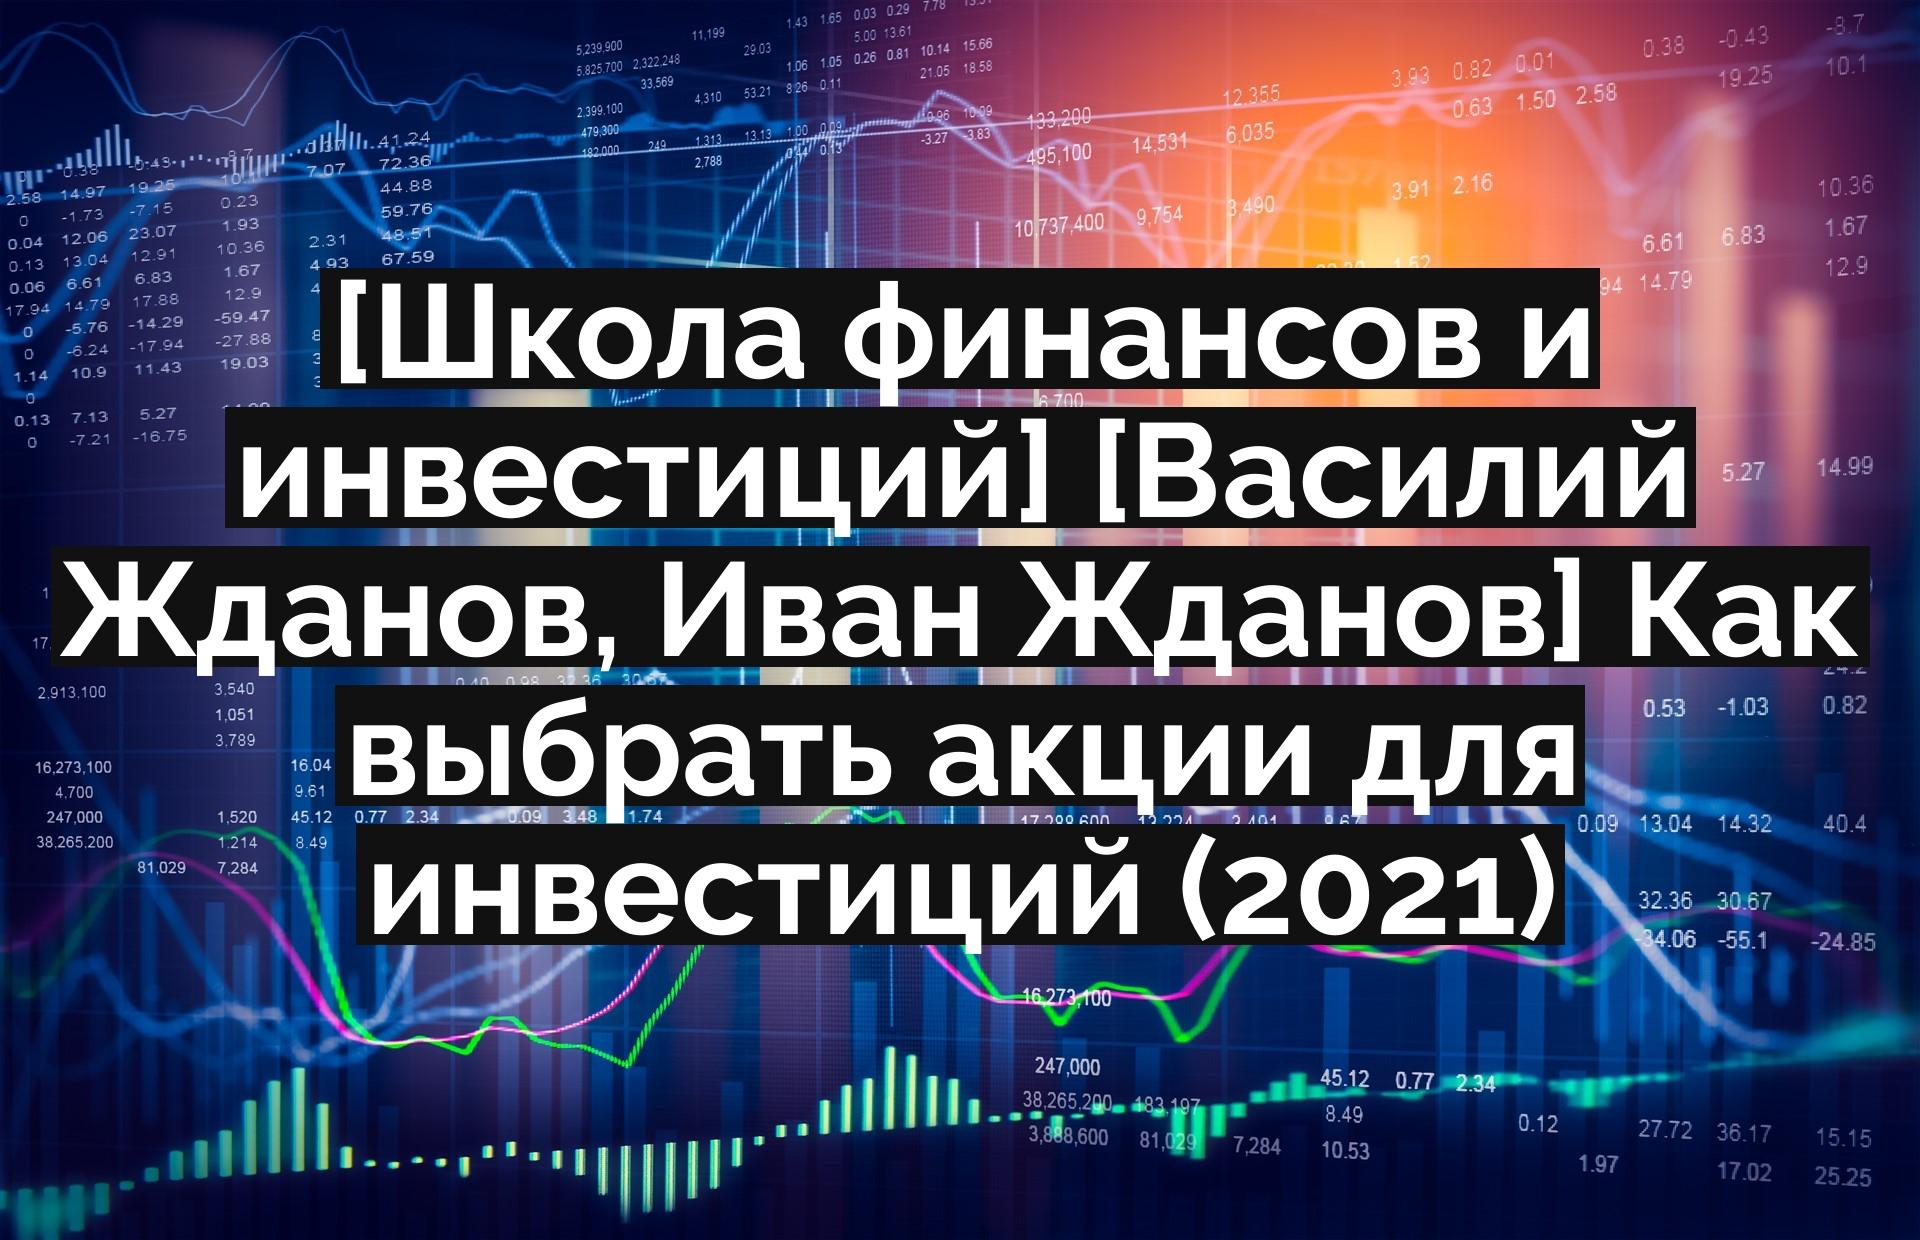 [Школа финансов и инвестиций] [Василий Жданов, Иван Жданов] Как выбрать акции для инвестиций (2021)